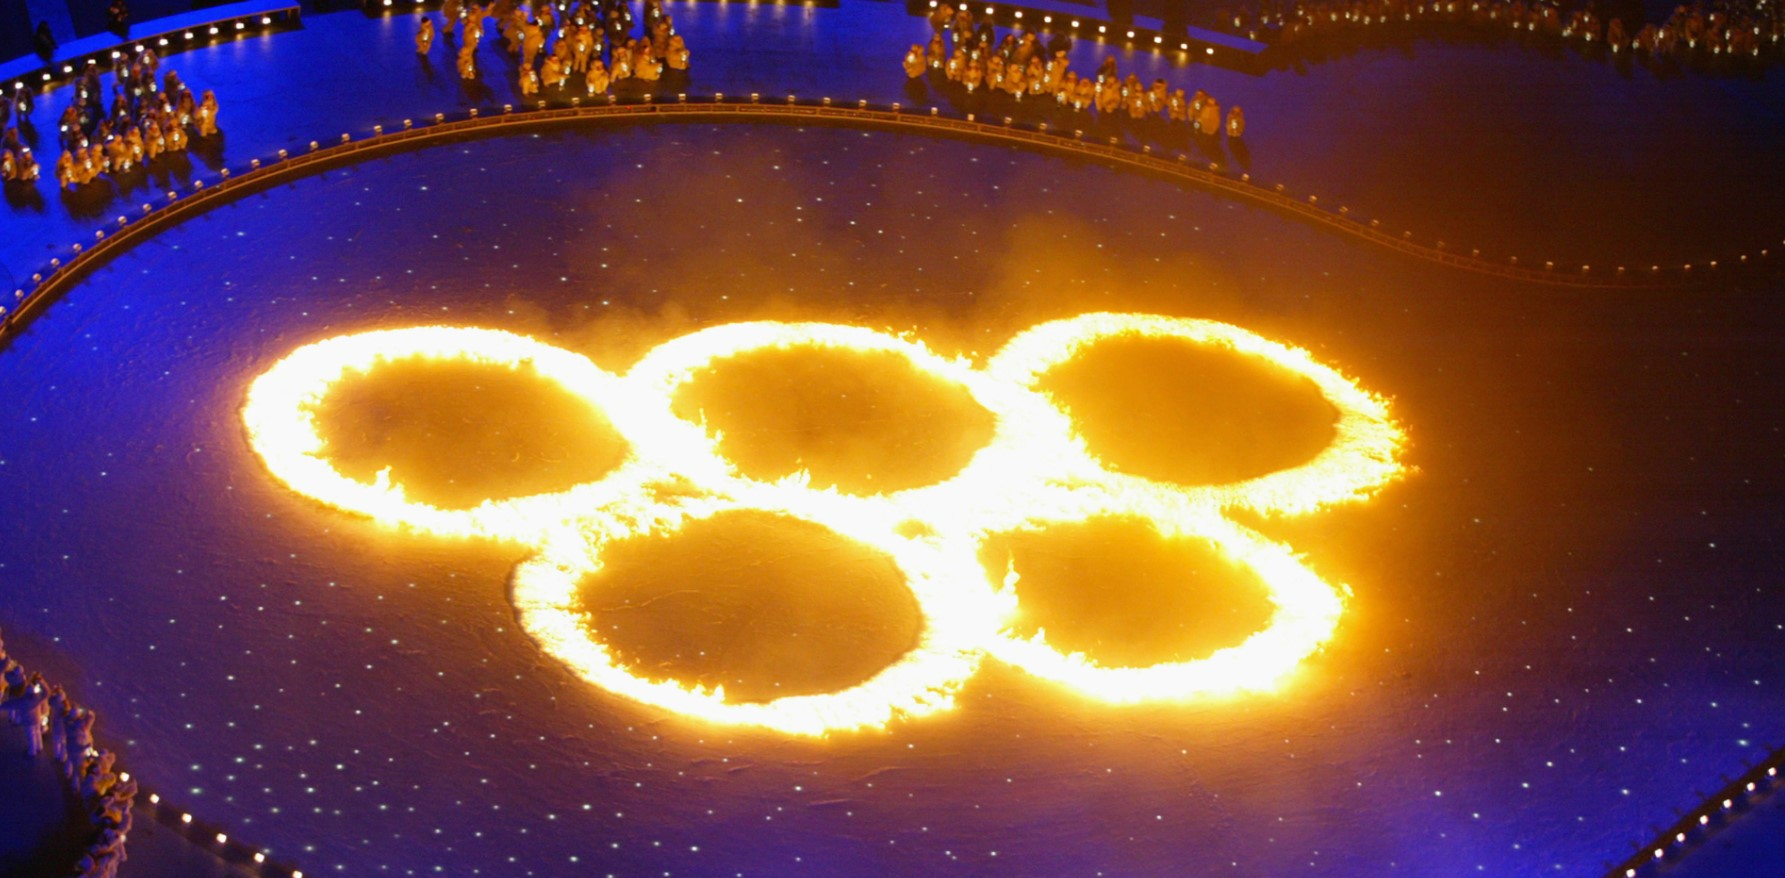 olympics facts, olympics opening ceremony, 2002 salt lake city olympics